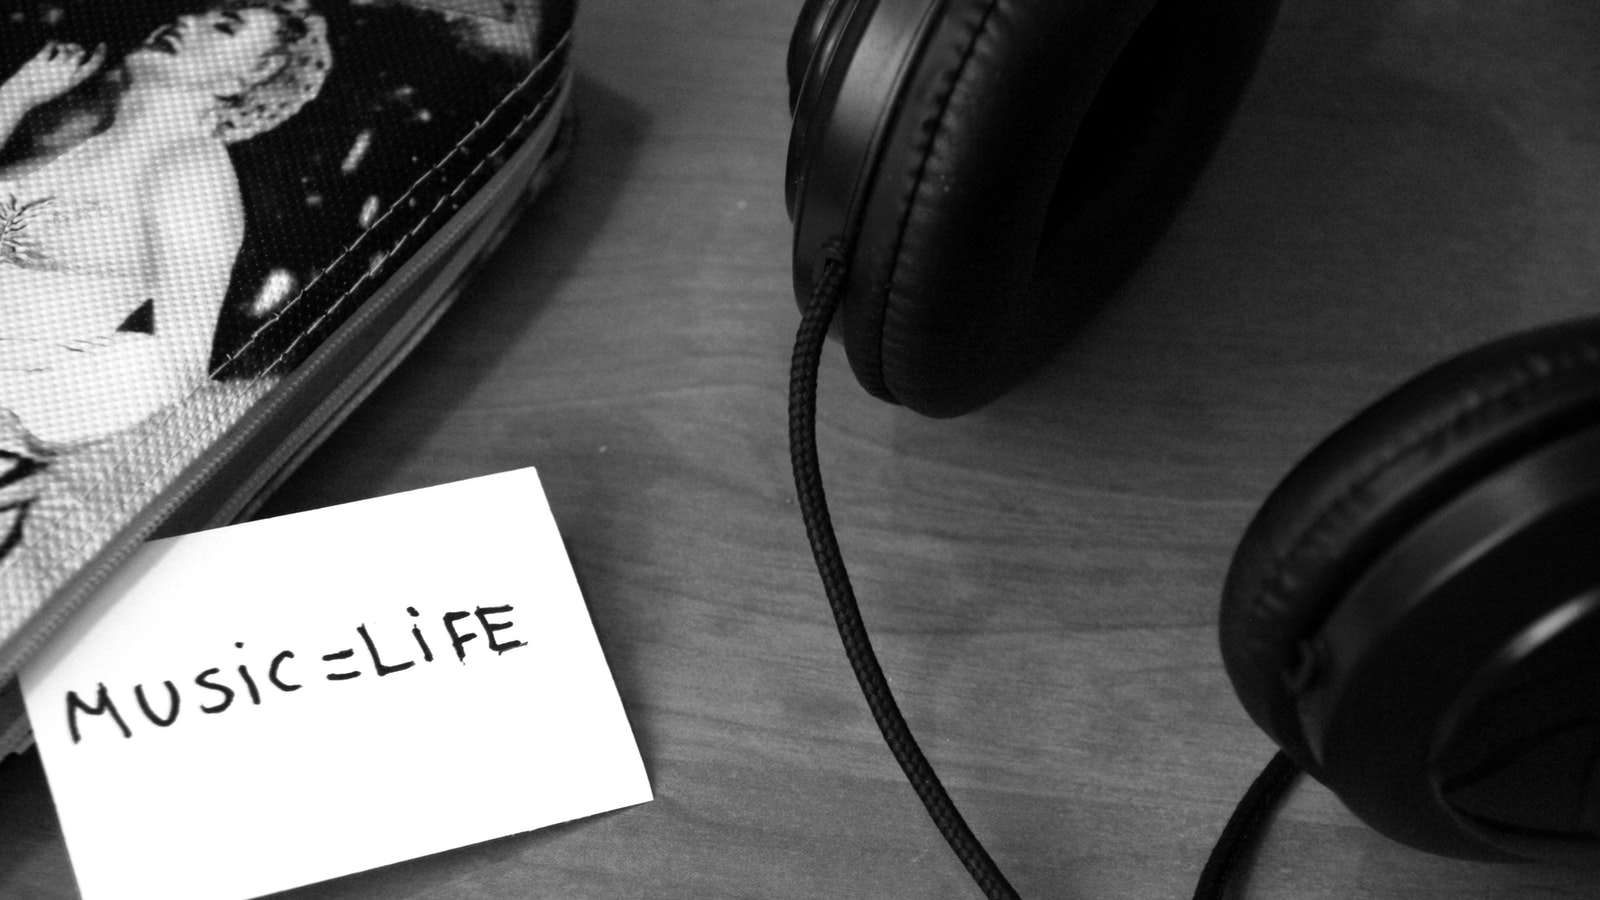 Ders Çalışırken Dinleyebileceğiniz 6 Rahatlatıcı Müzik